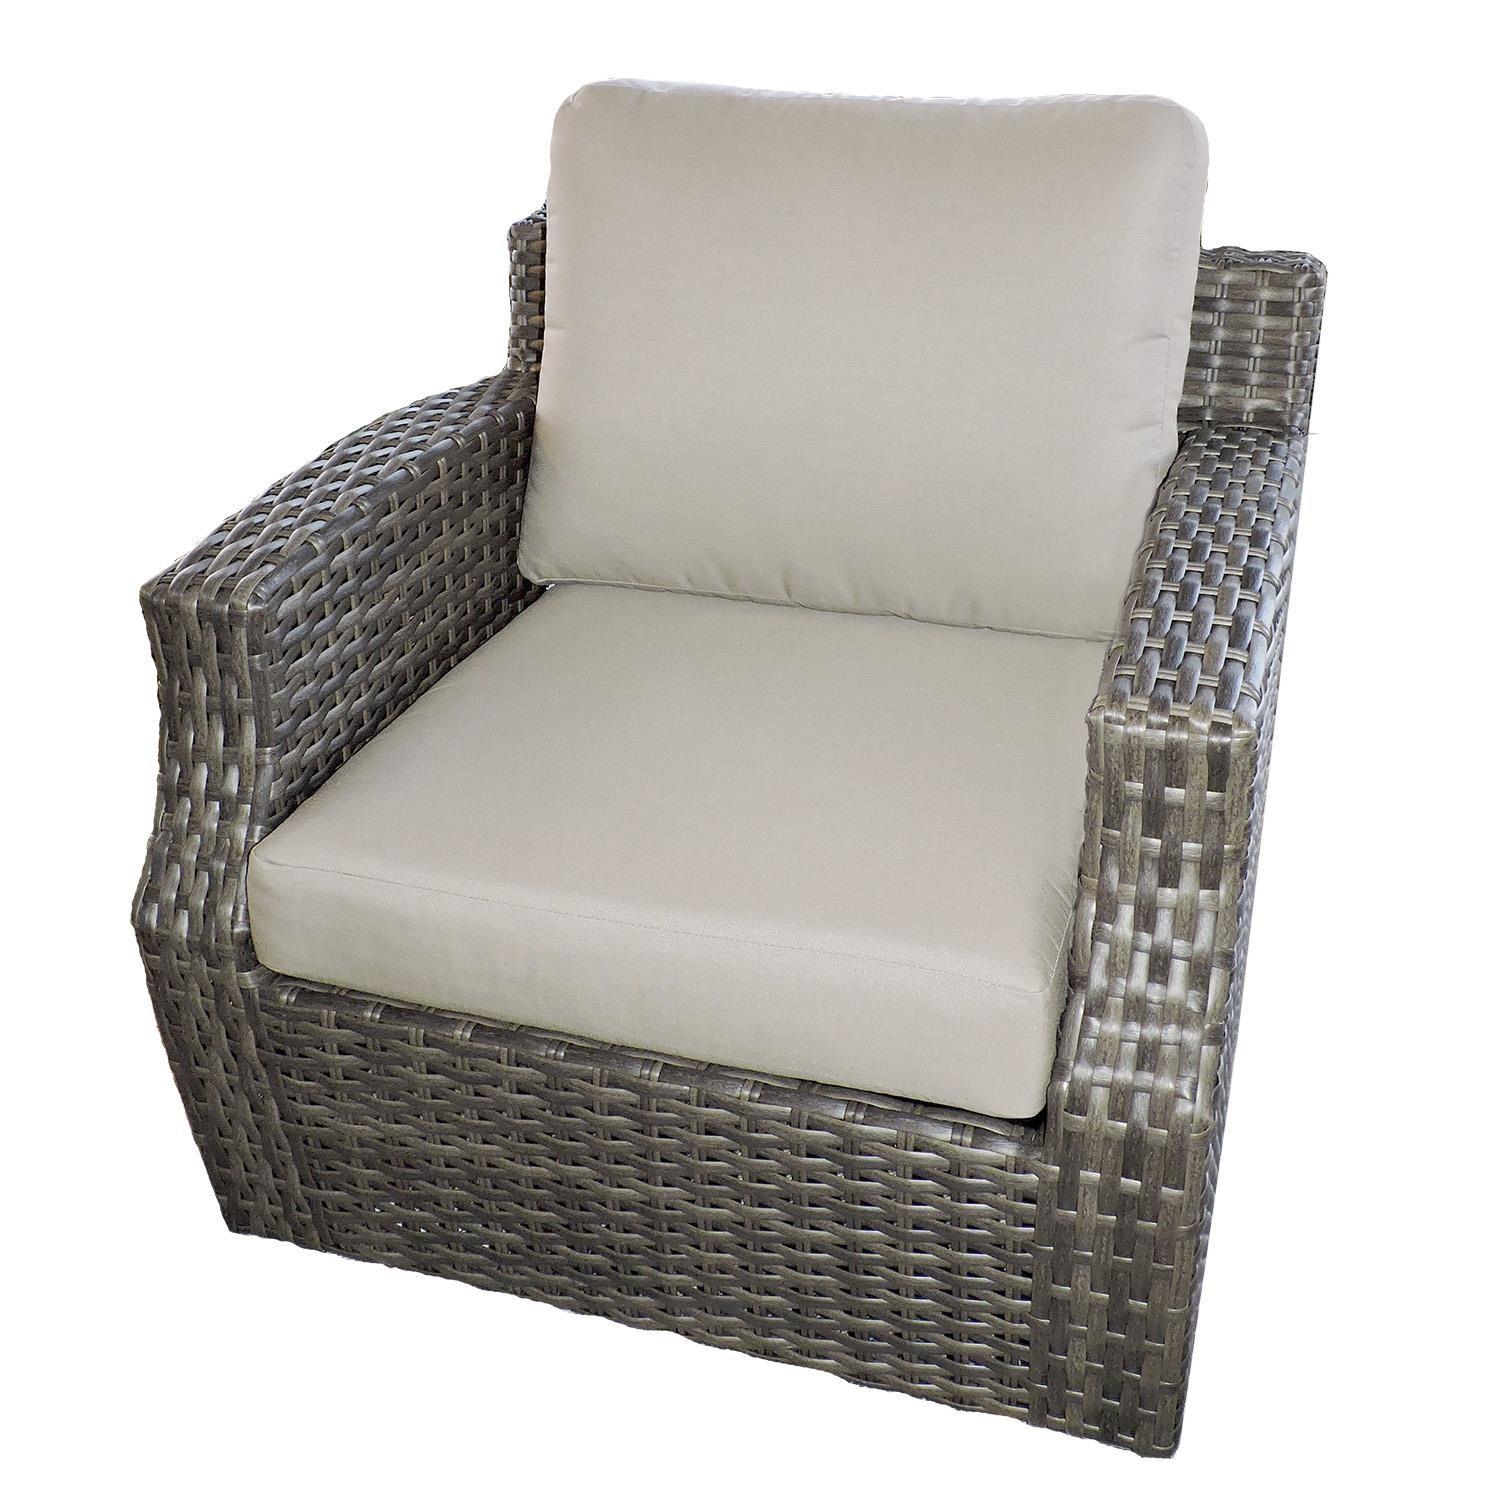 Belfort Outdoor Cascade Outdoor Chair - Item Number: W5099D C 5461-0000